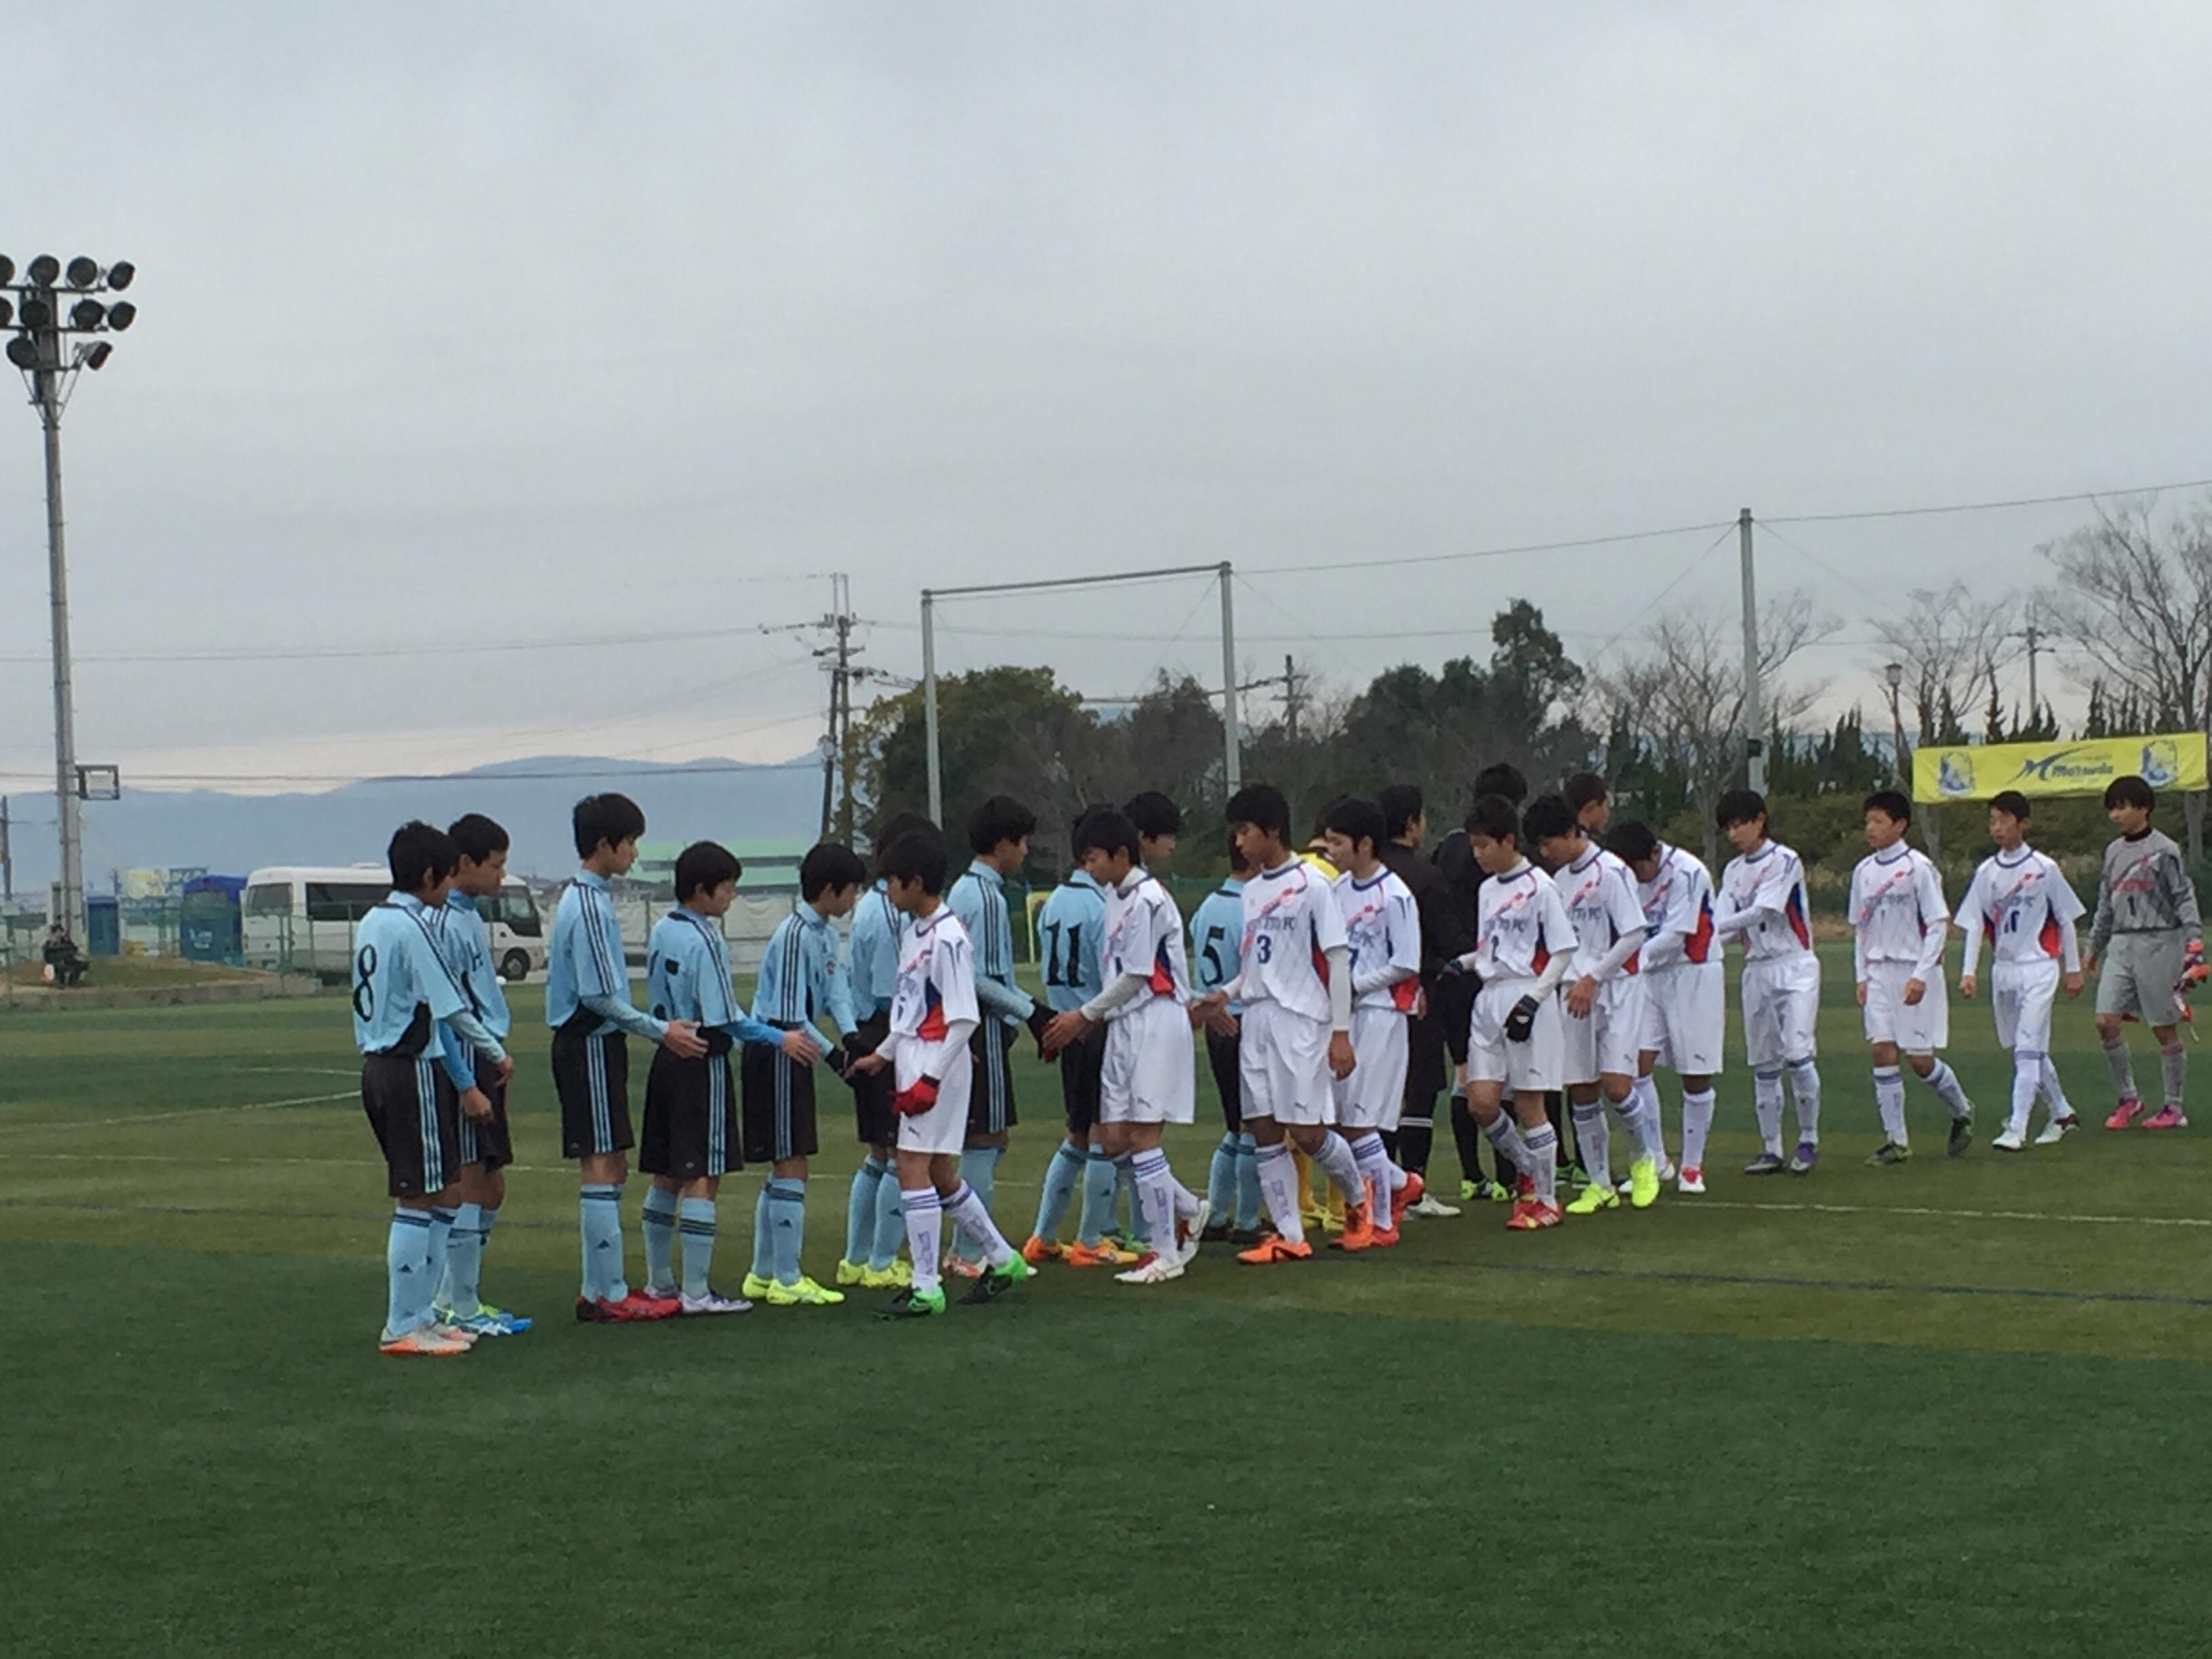 高円宮杯奈良県U-15サッカーリーグ2016【第2節】【日程】